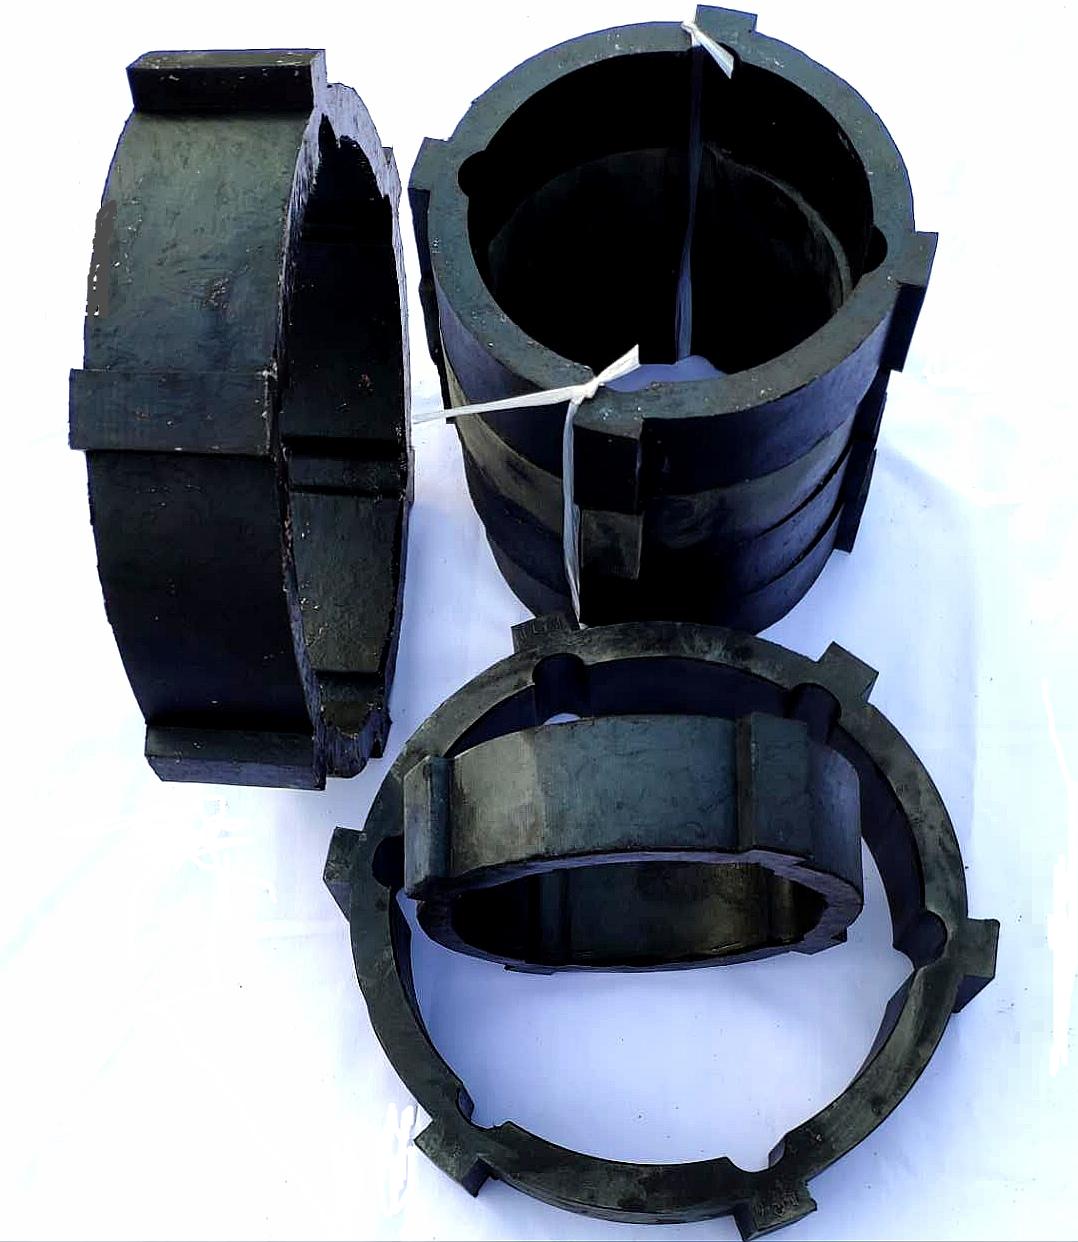 橡胶轴承,橡胶瓦翻新,水力发电机组橡胶瓦